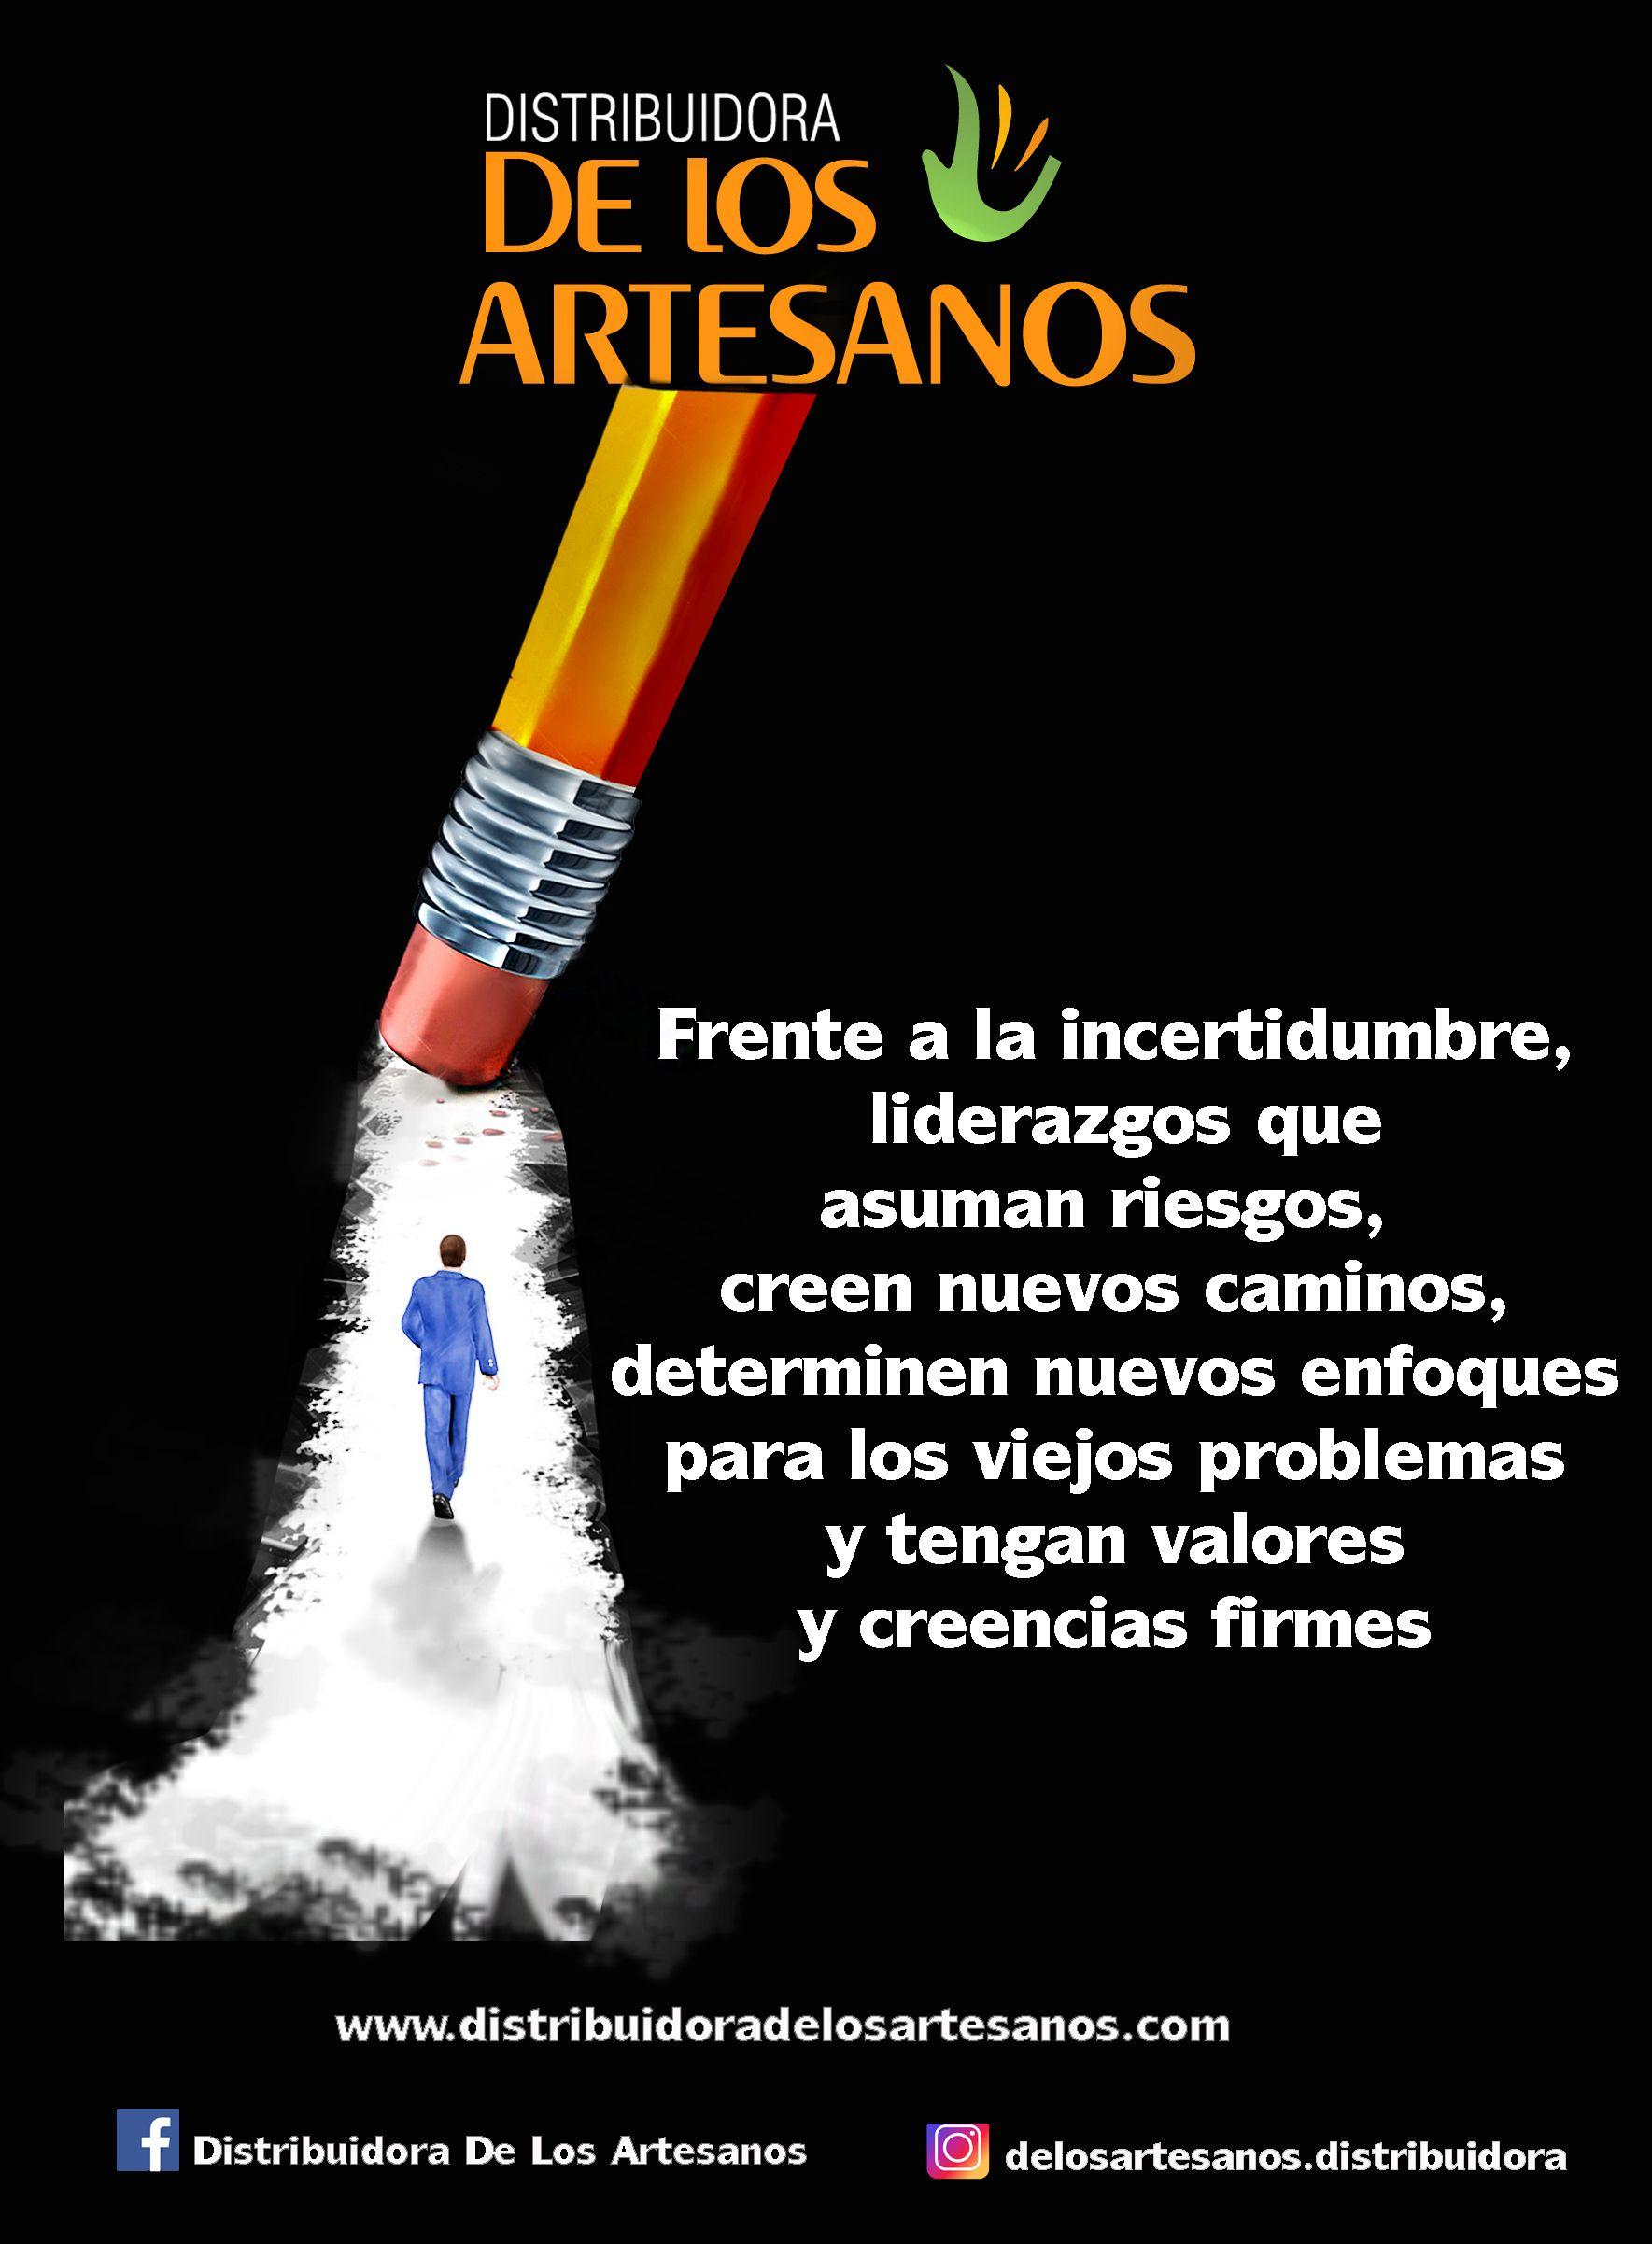 Distribuidora De Los Artesanos Compras Por Cantidad Mayoristas De Dietéticas Artesanos Mayorista Venta Al Por Mayor